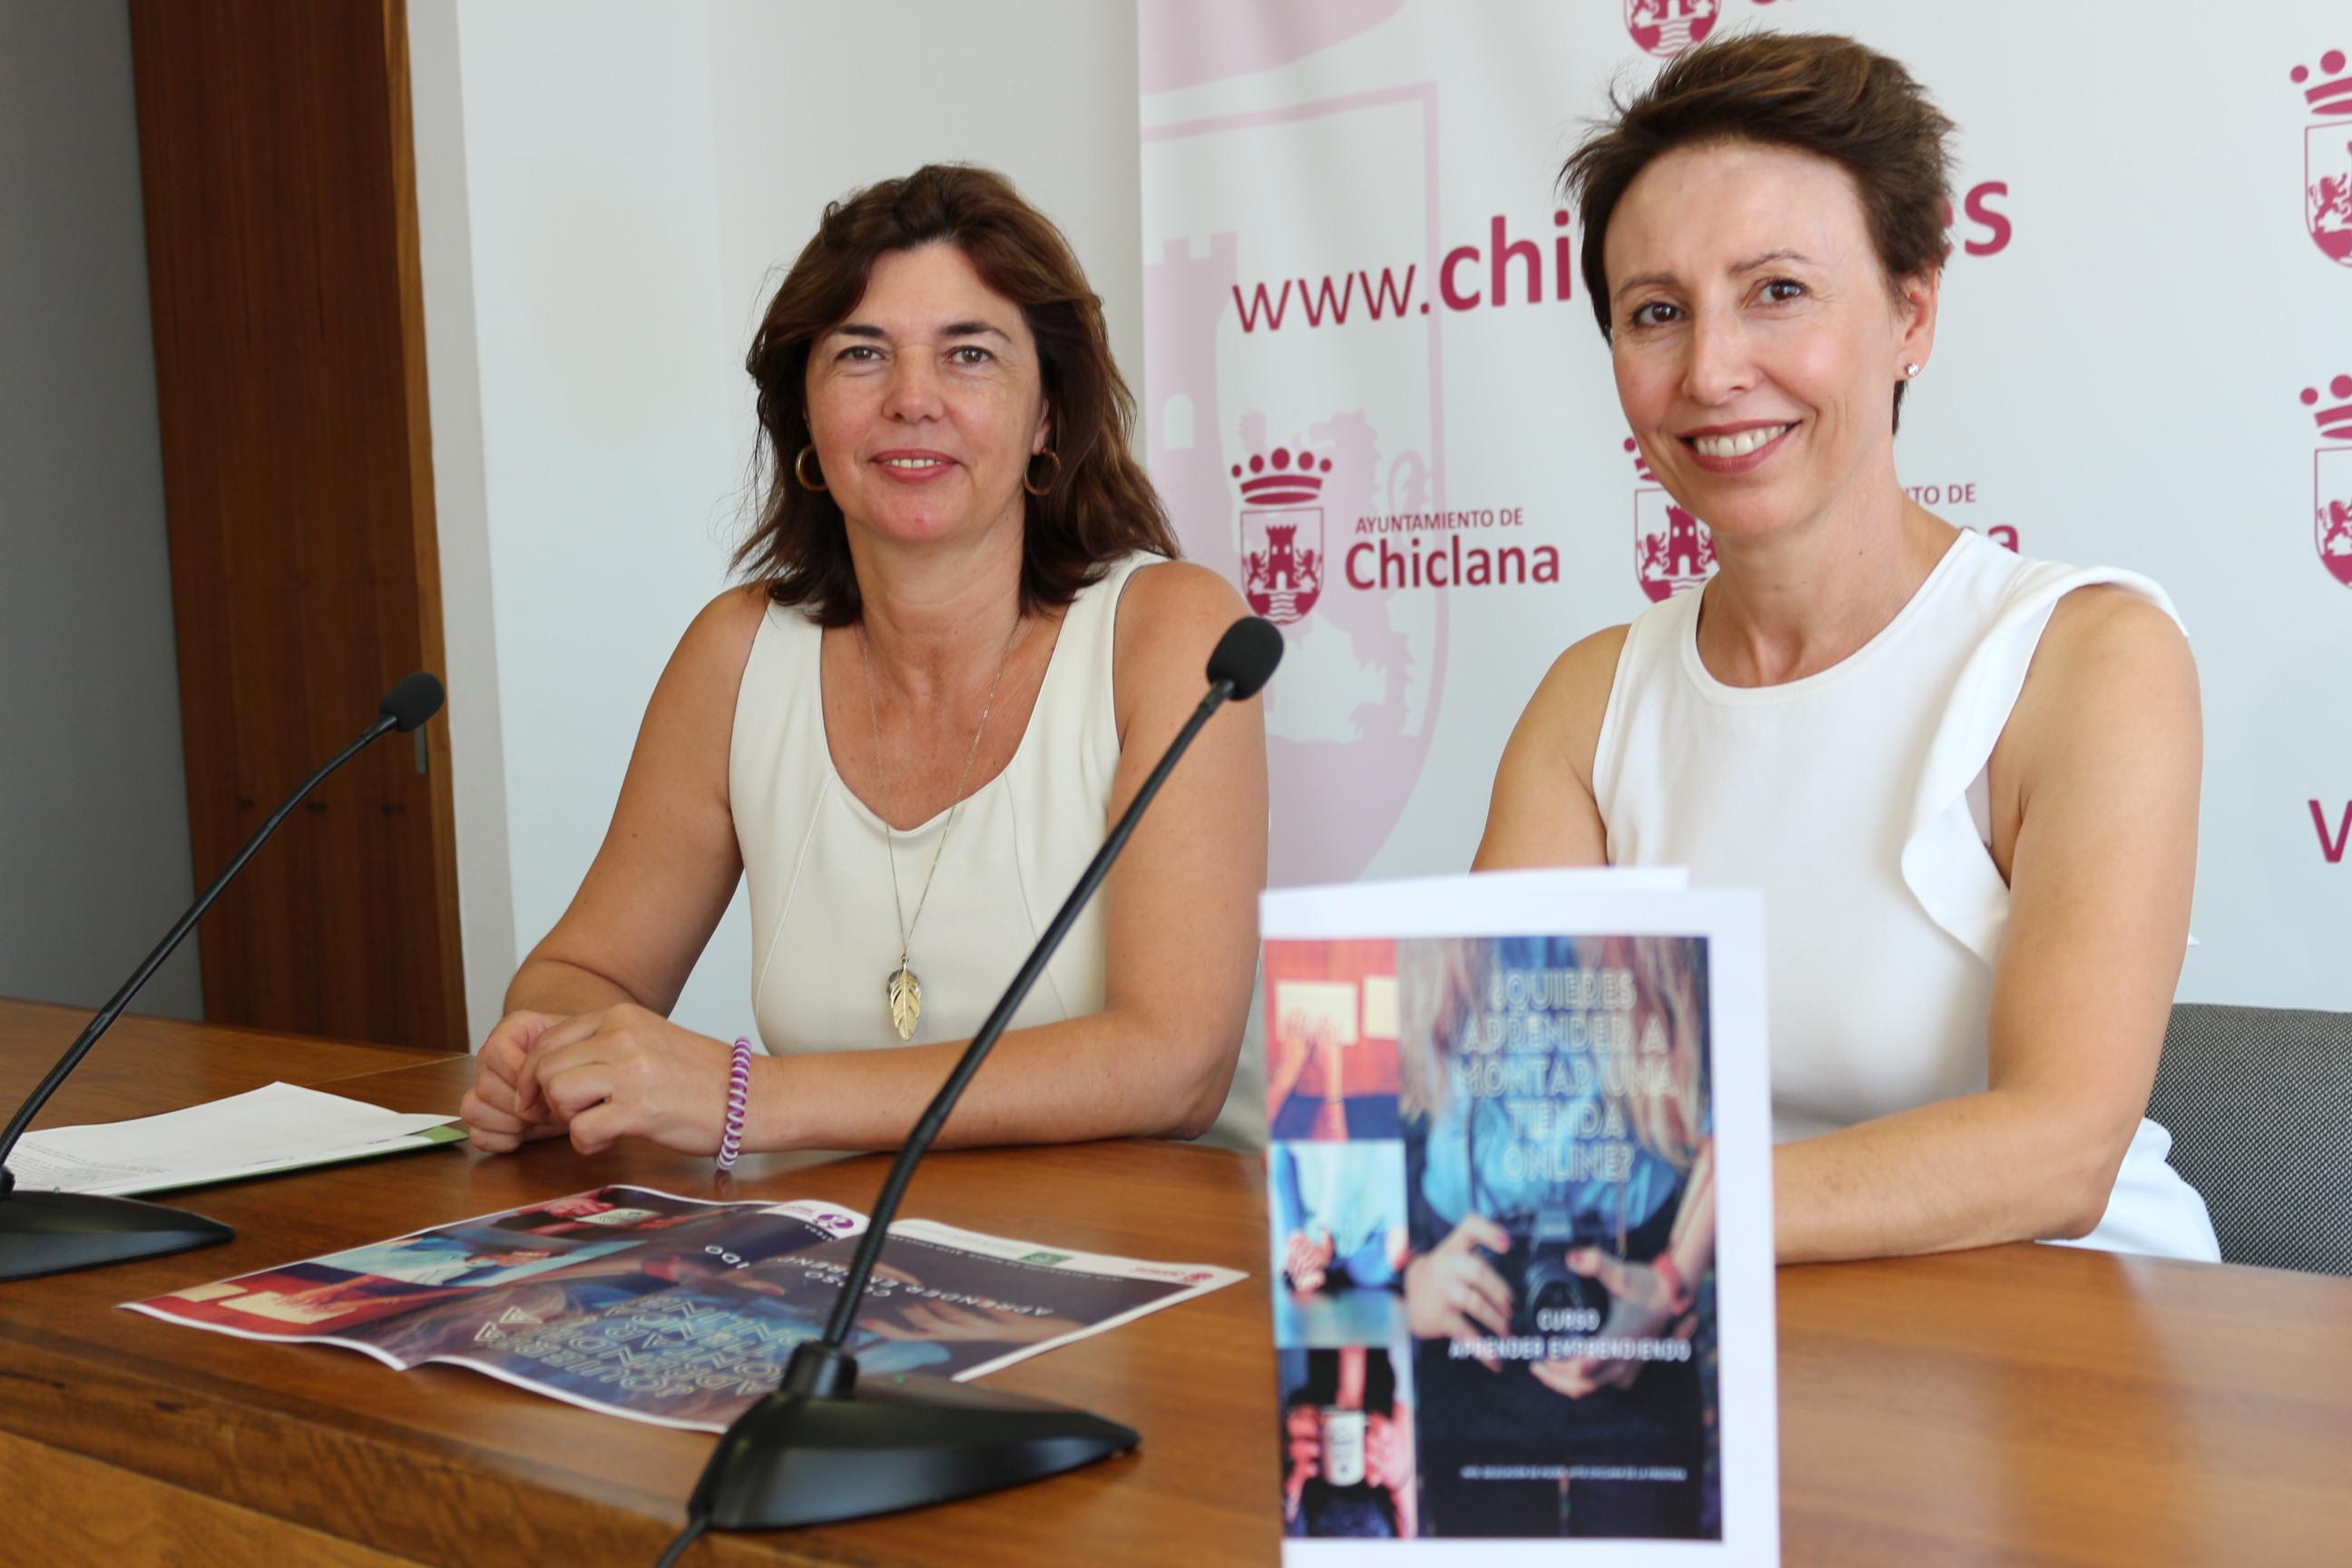 d49c923126b6 Así lo han anunciado la delegada municipal de Mujer, Pepa Vela, y la  responsable del curso, Leonor García, quienes han explicado los objetivos y  ...